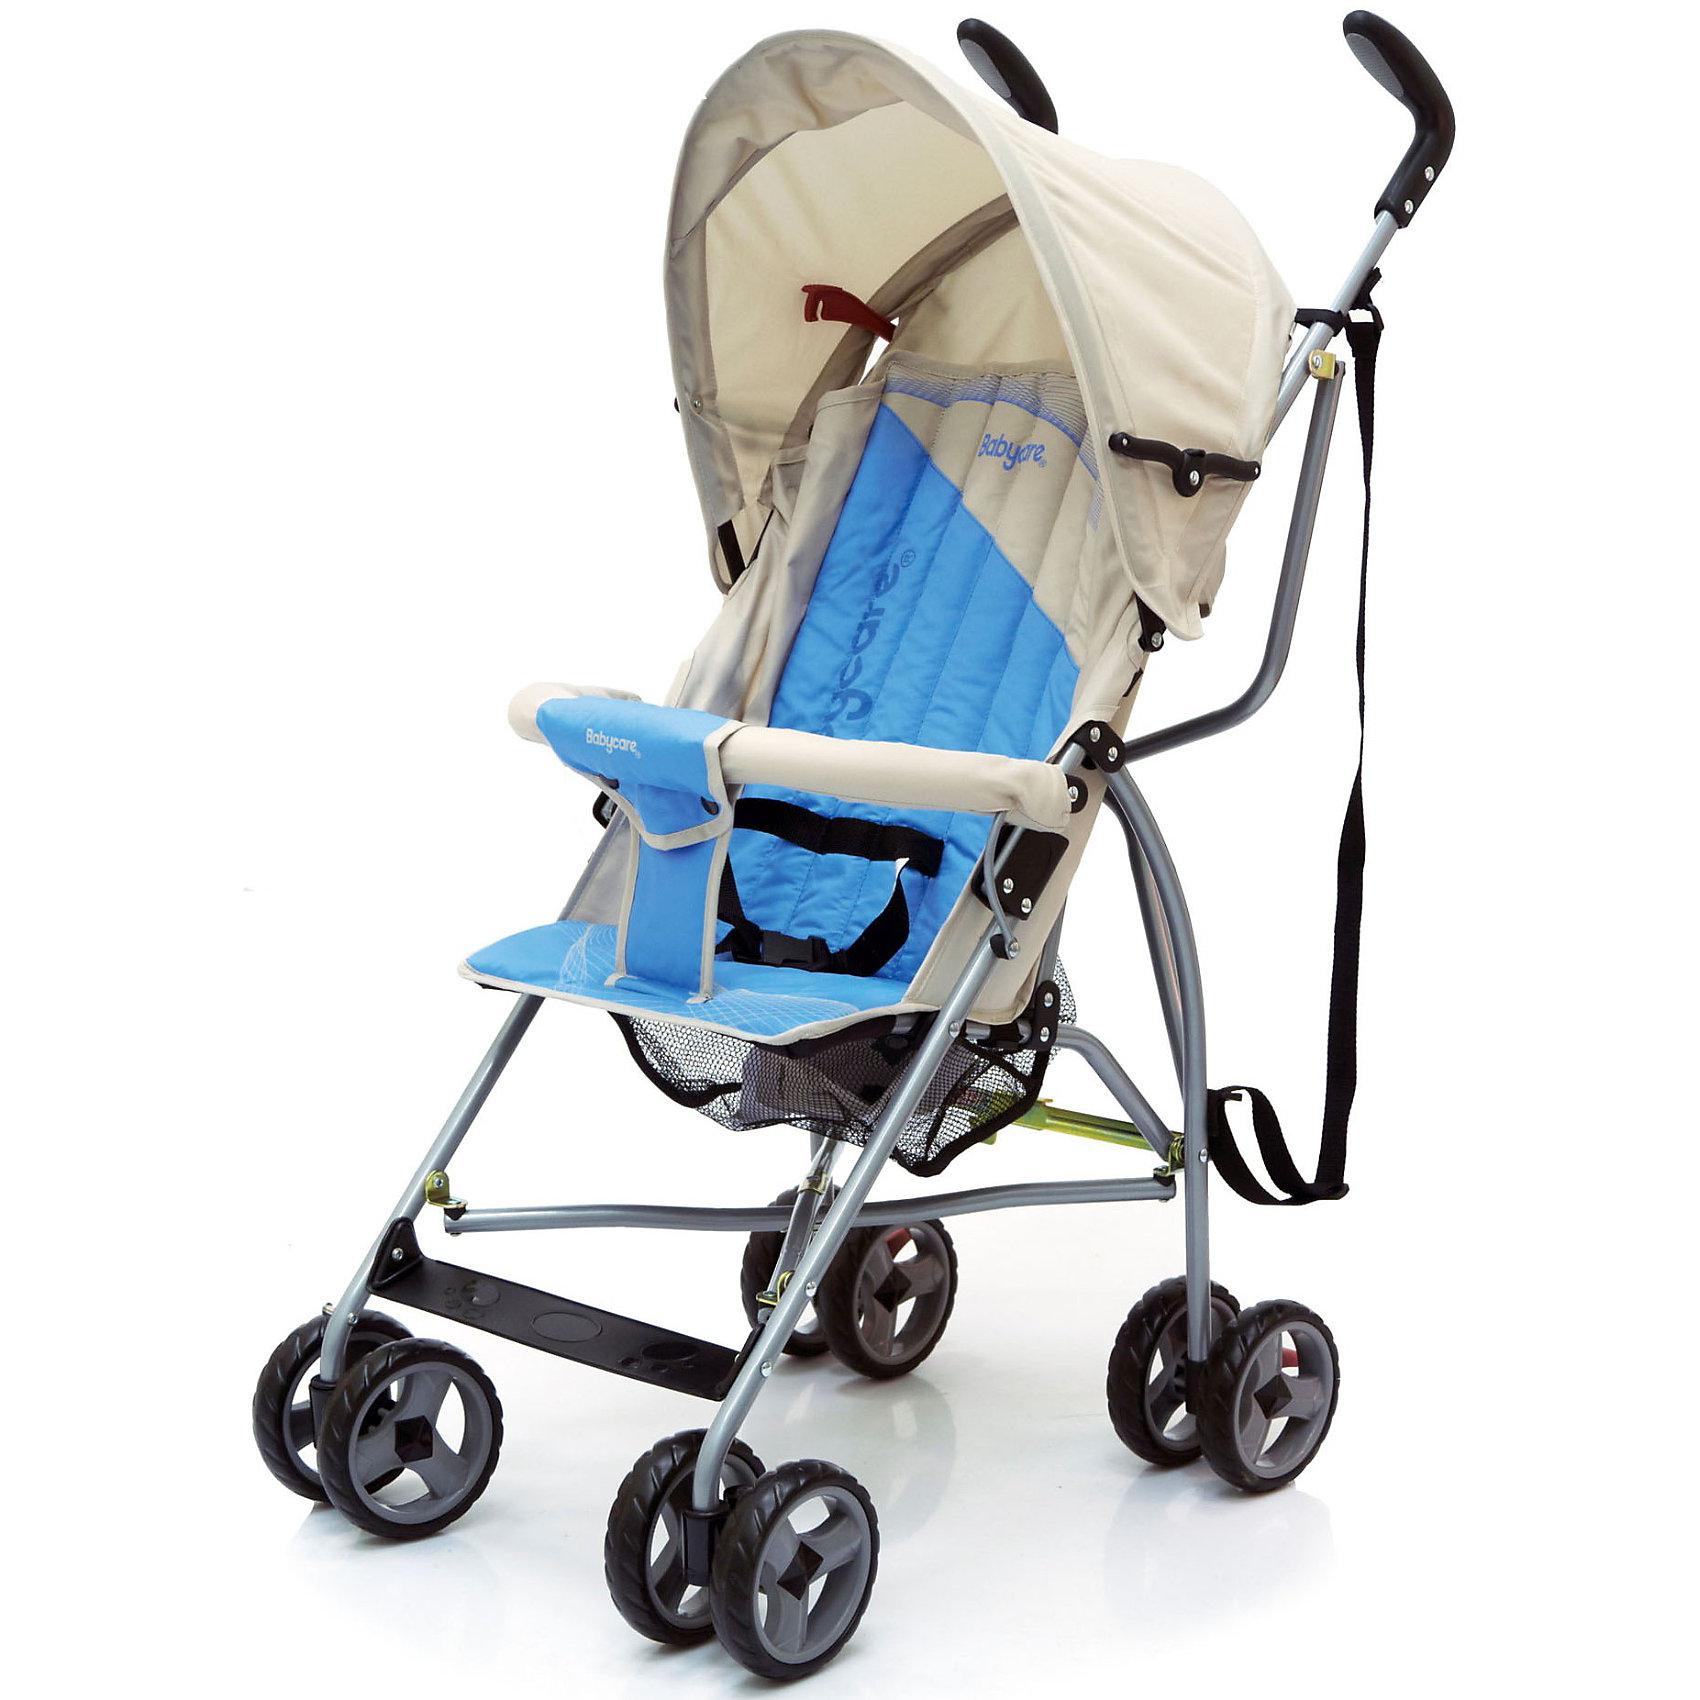 Коляска-трость Vento, Baby Care, светло-серый/голубой